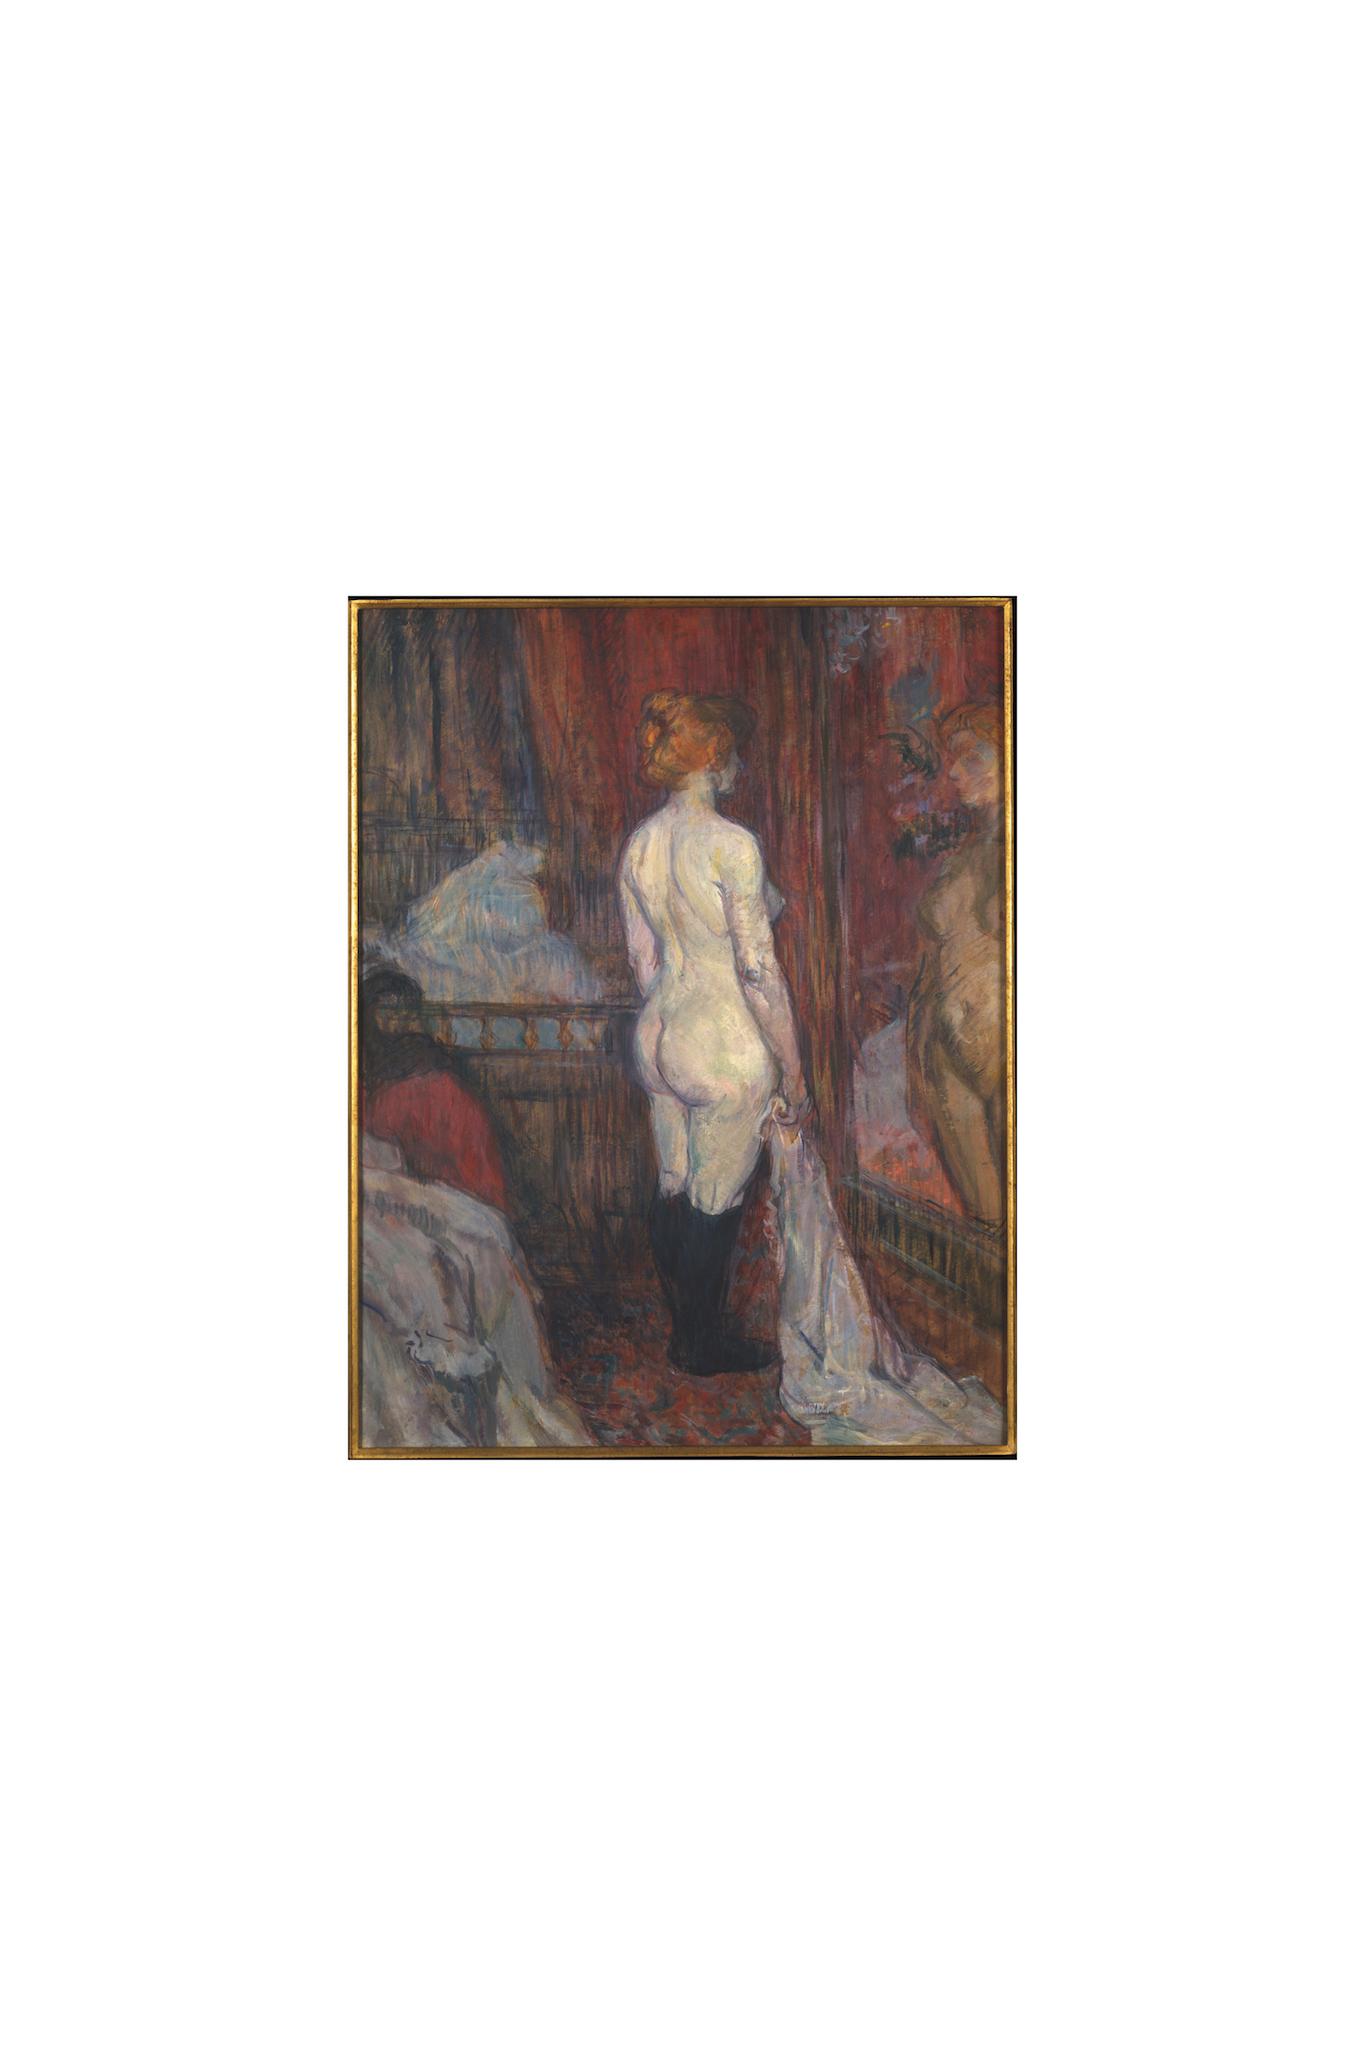 Henri de Toulouse-Lautrec, Woman before a Mirror, 1897